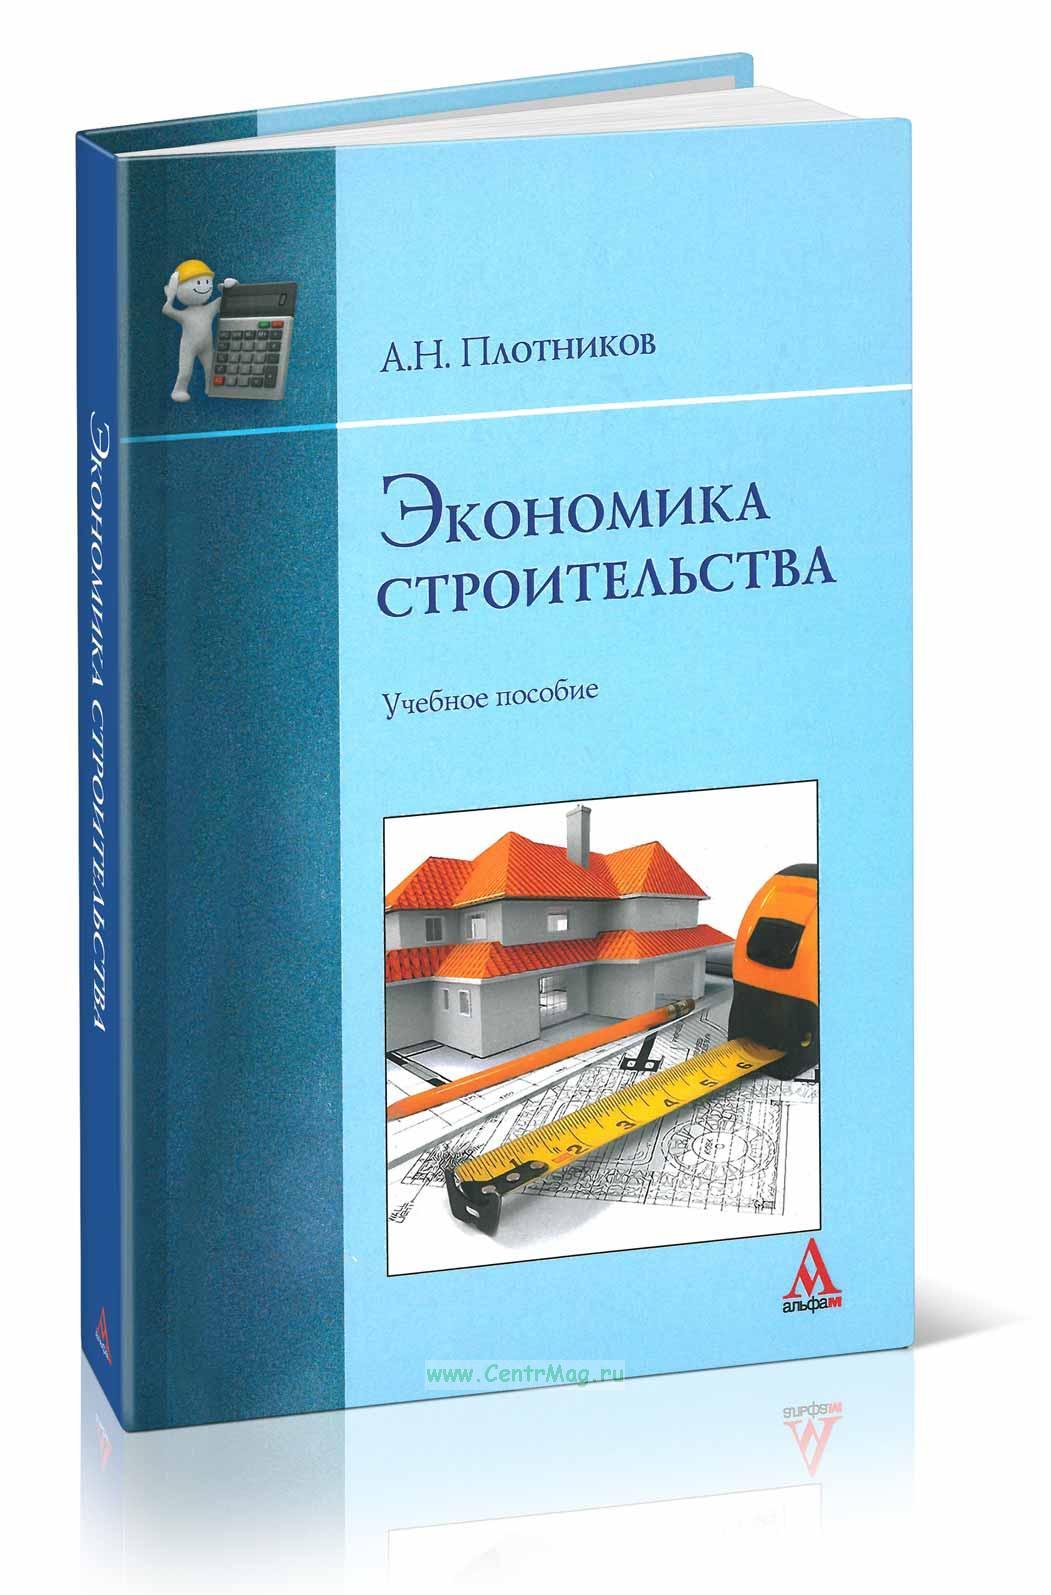 Экономика строительства: учебное пособие